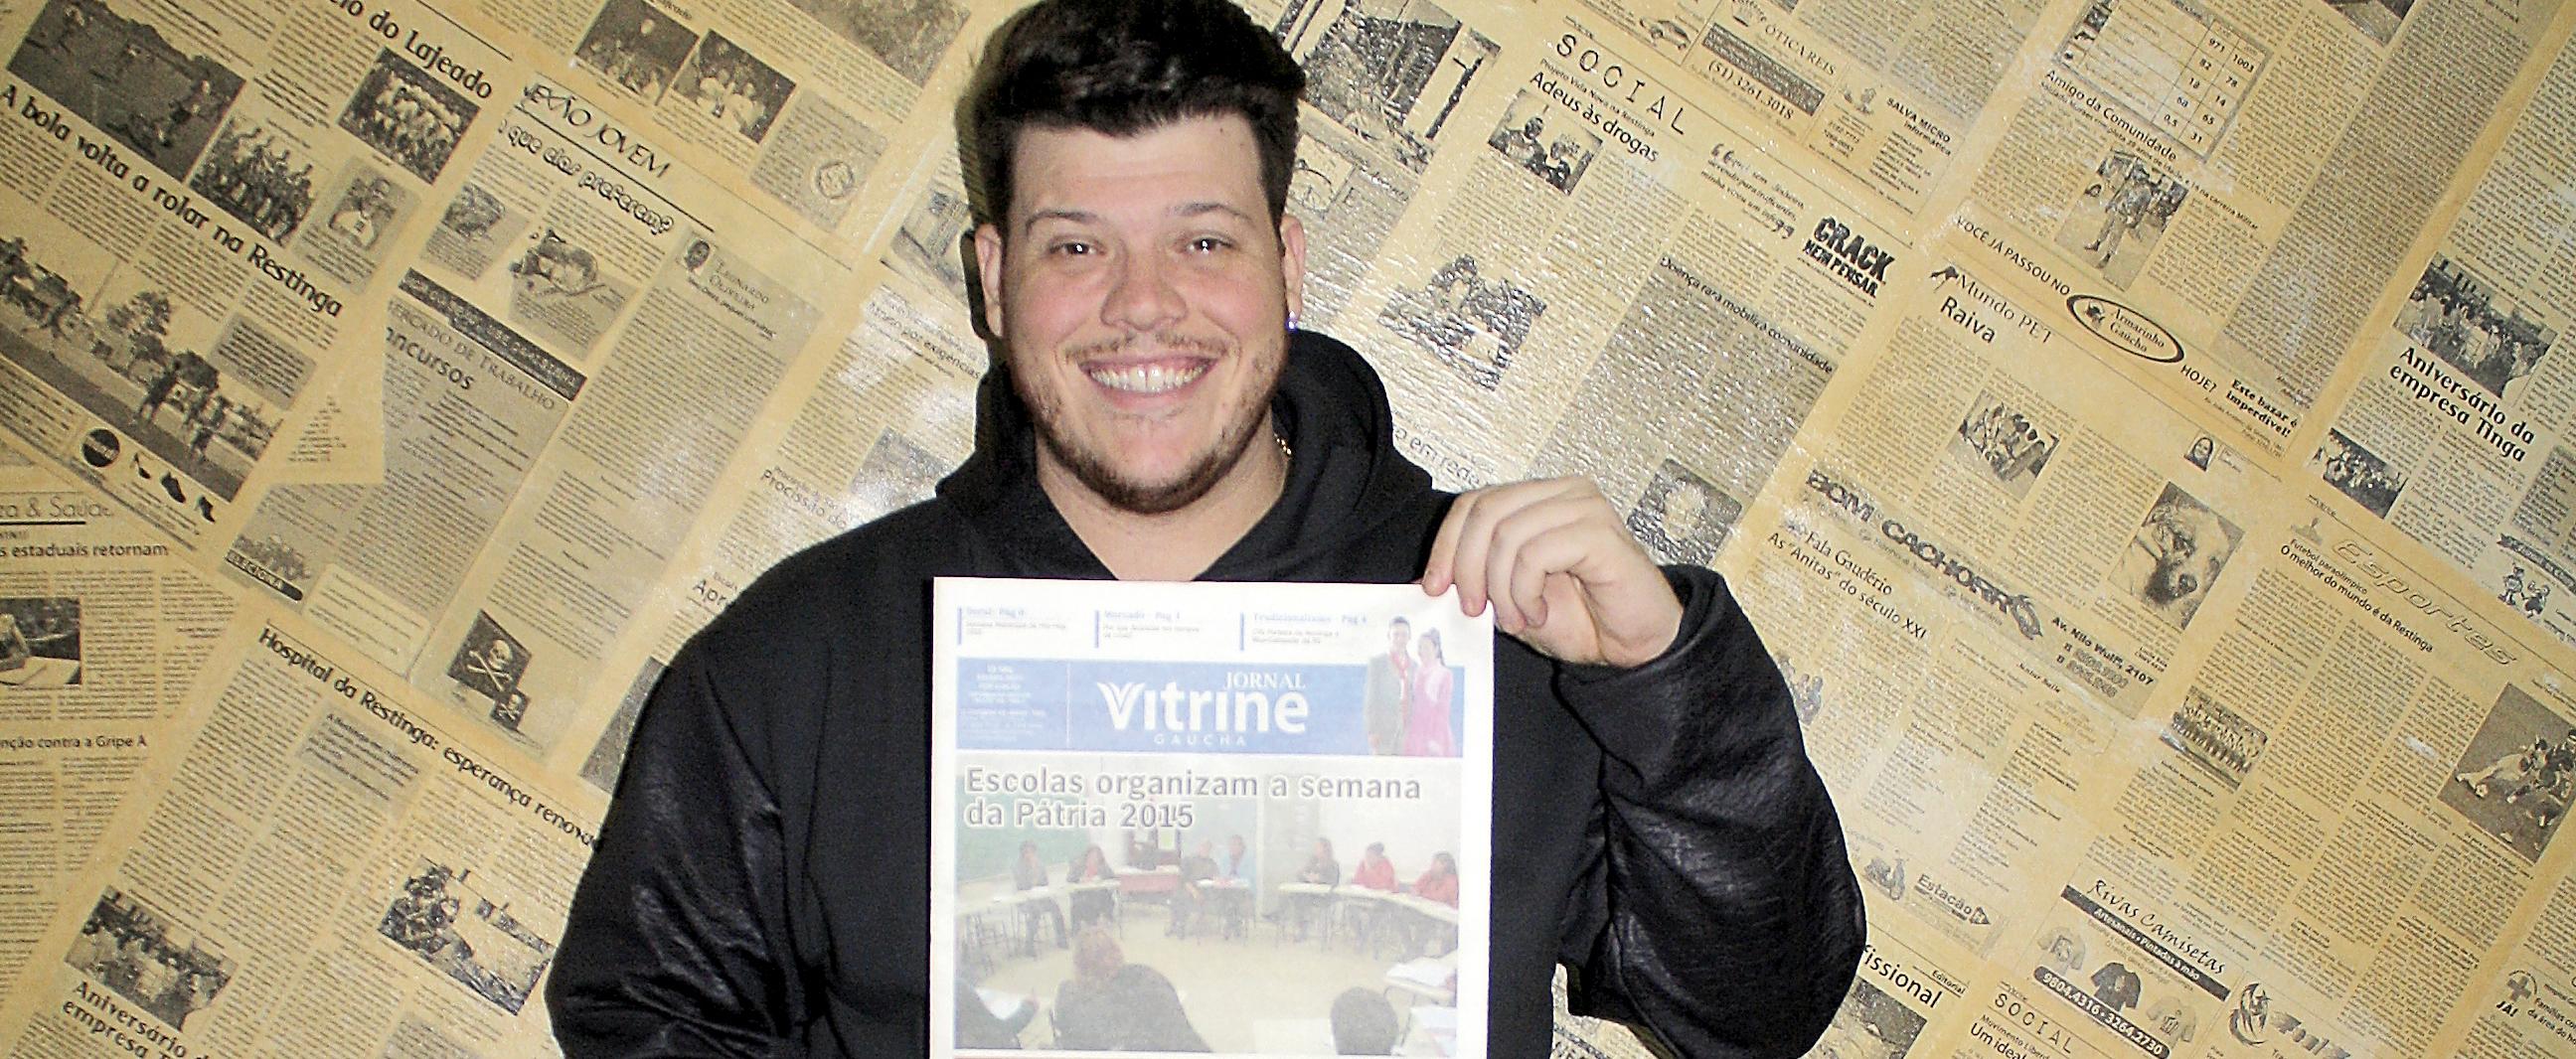 Ao passar por Porto Alegre, Ferrugem deu uma parada no Jornal Vitrine.